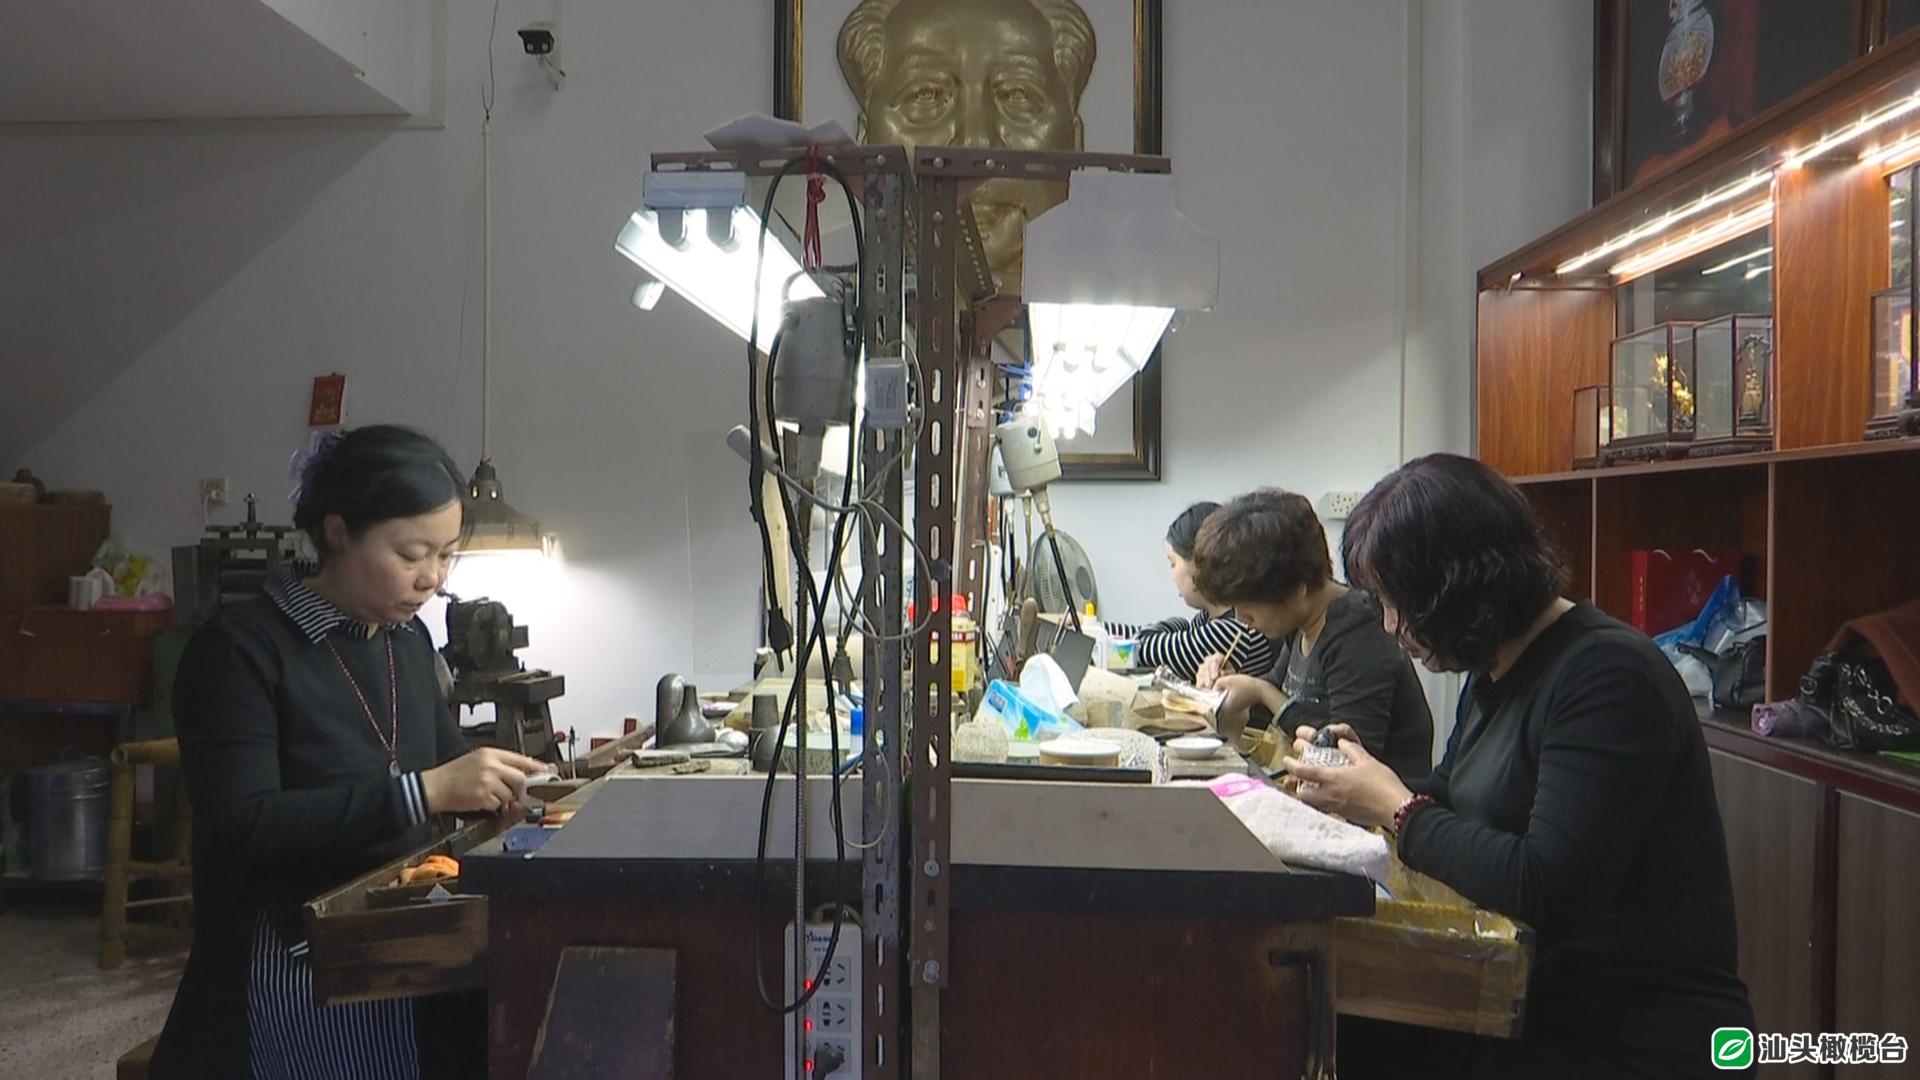 纤纤银丝千錾百刻!潮州这户人家多年来坚持手工打造金银器,手艺令人赞不绝口!